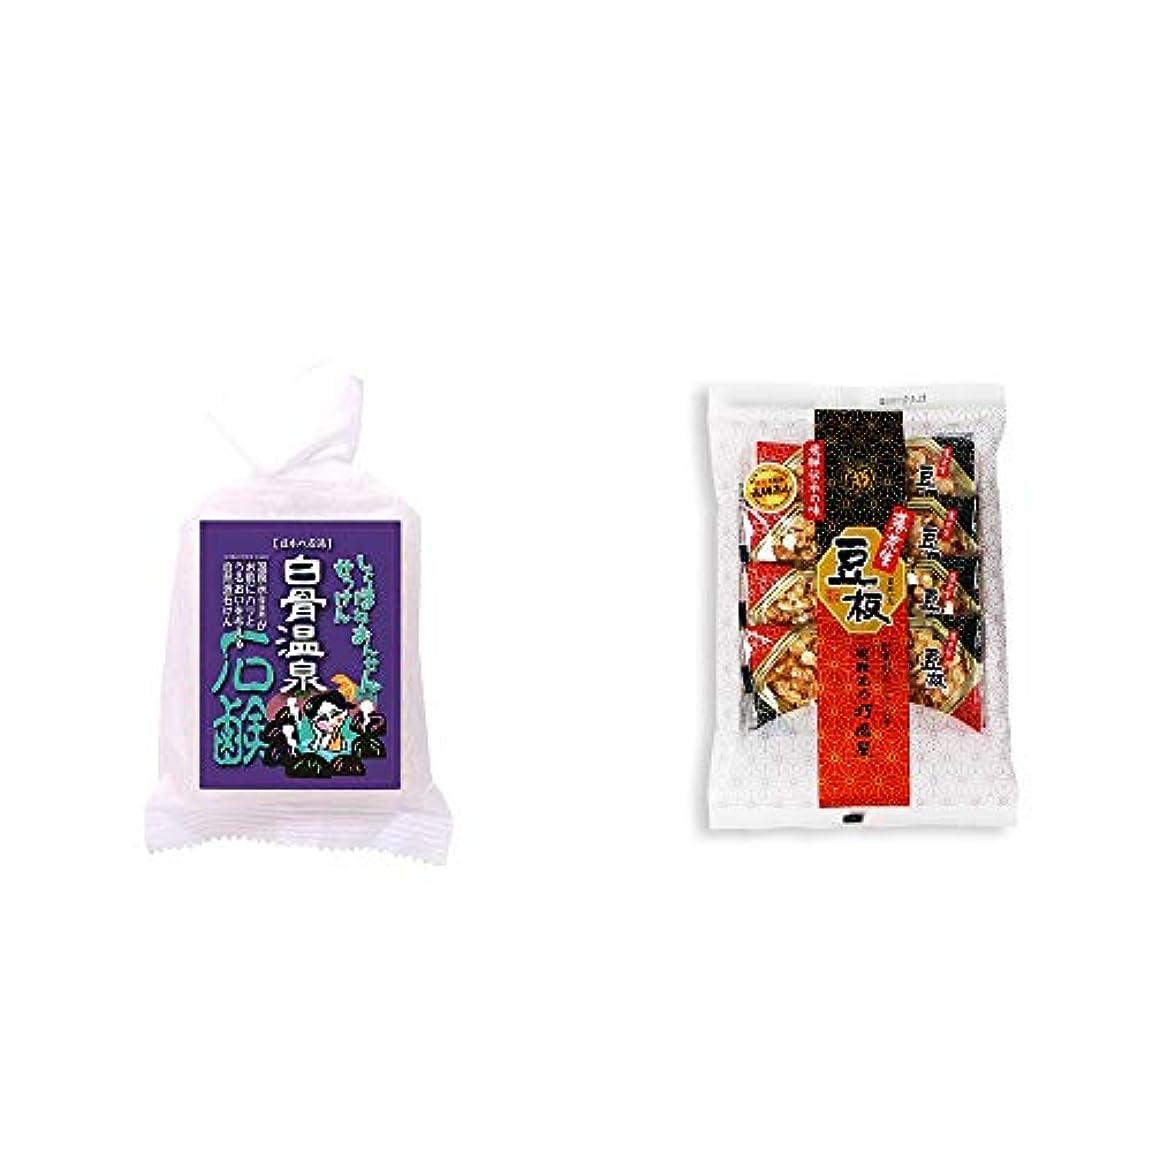 毒ピューモック[2点セット] 信州 白骨温泉石鹸(80g)?飛騨銘菓「打保屋」の駄菓子 豆板(8枚入)